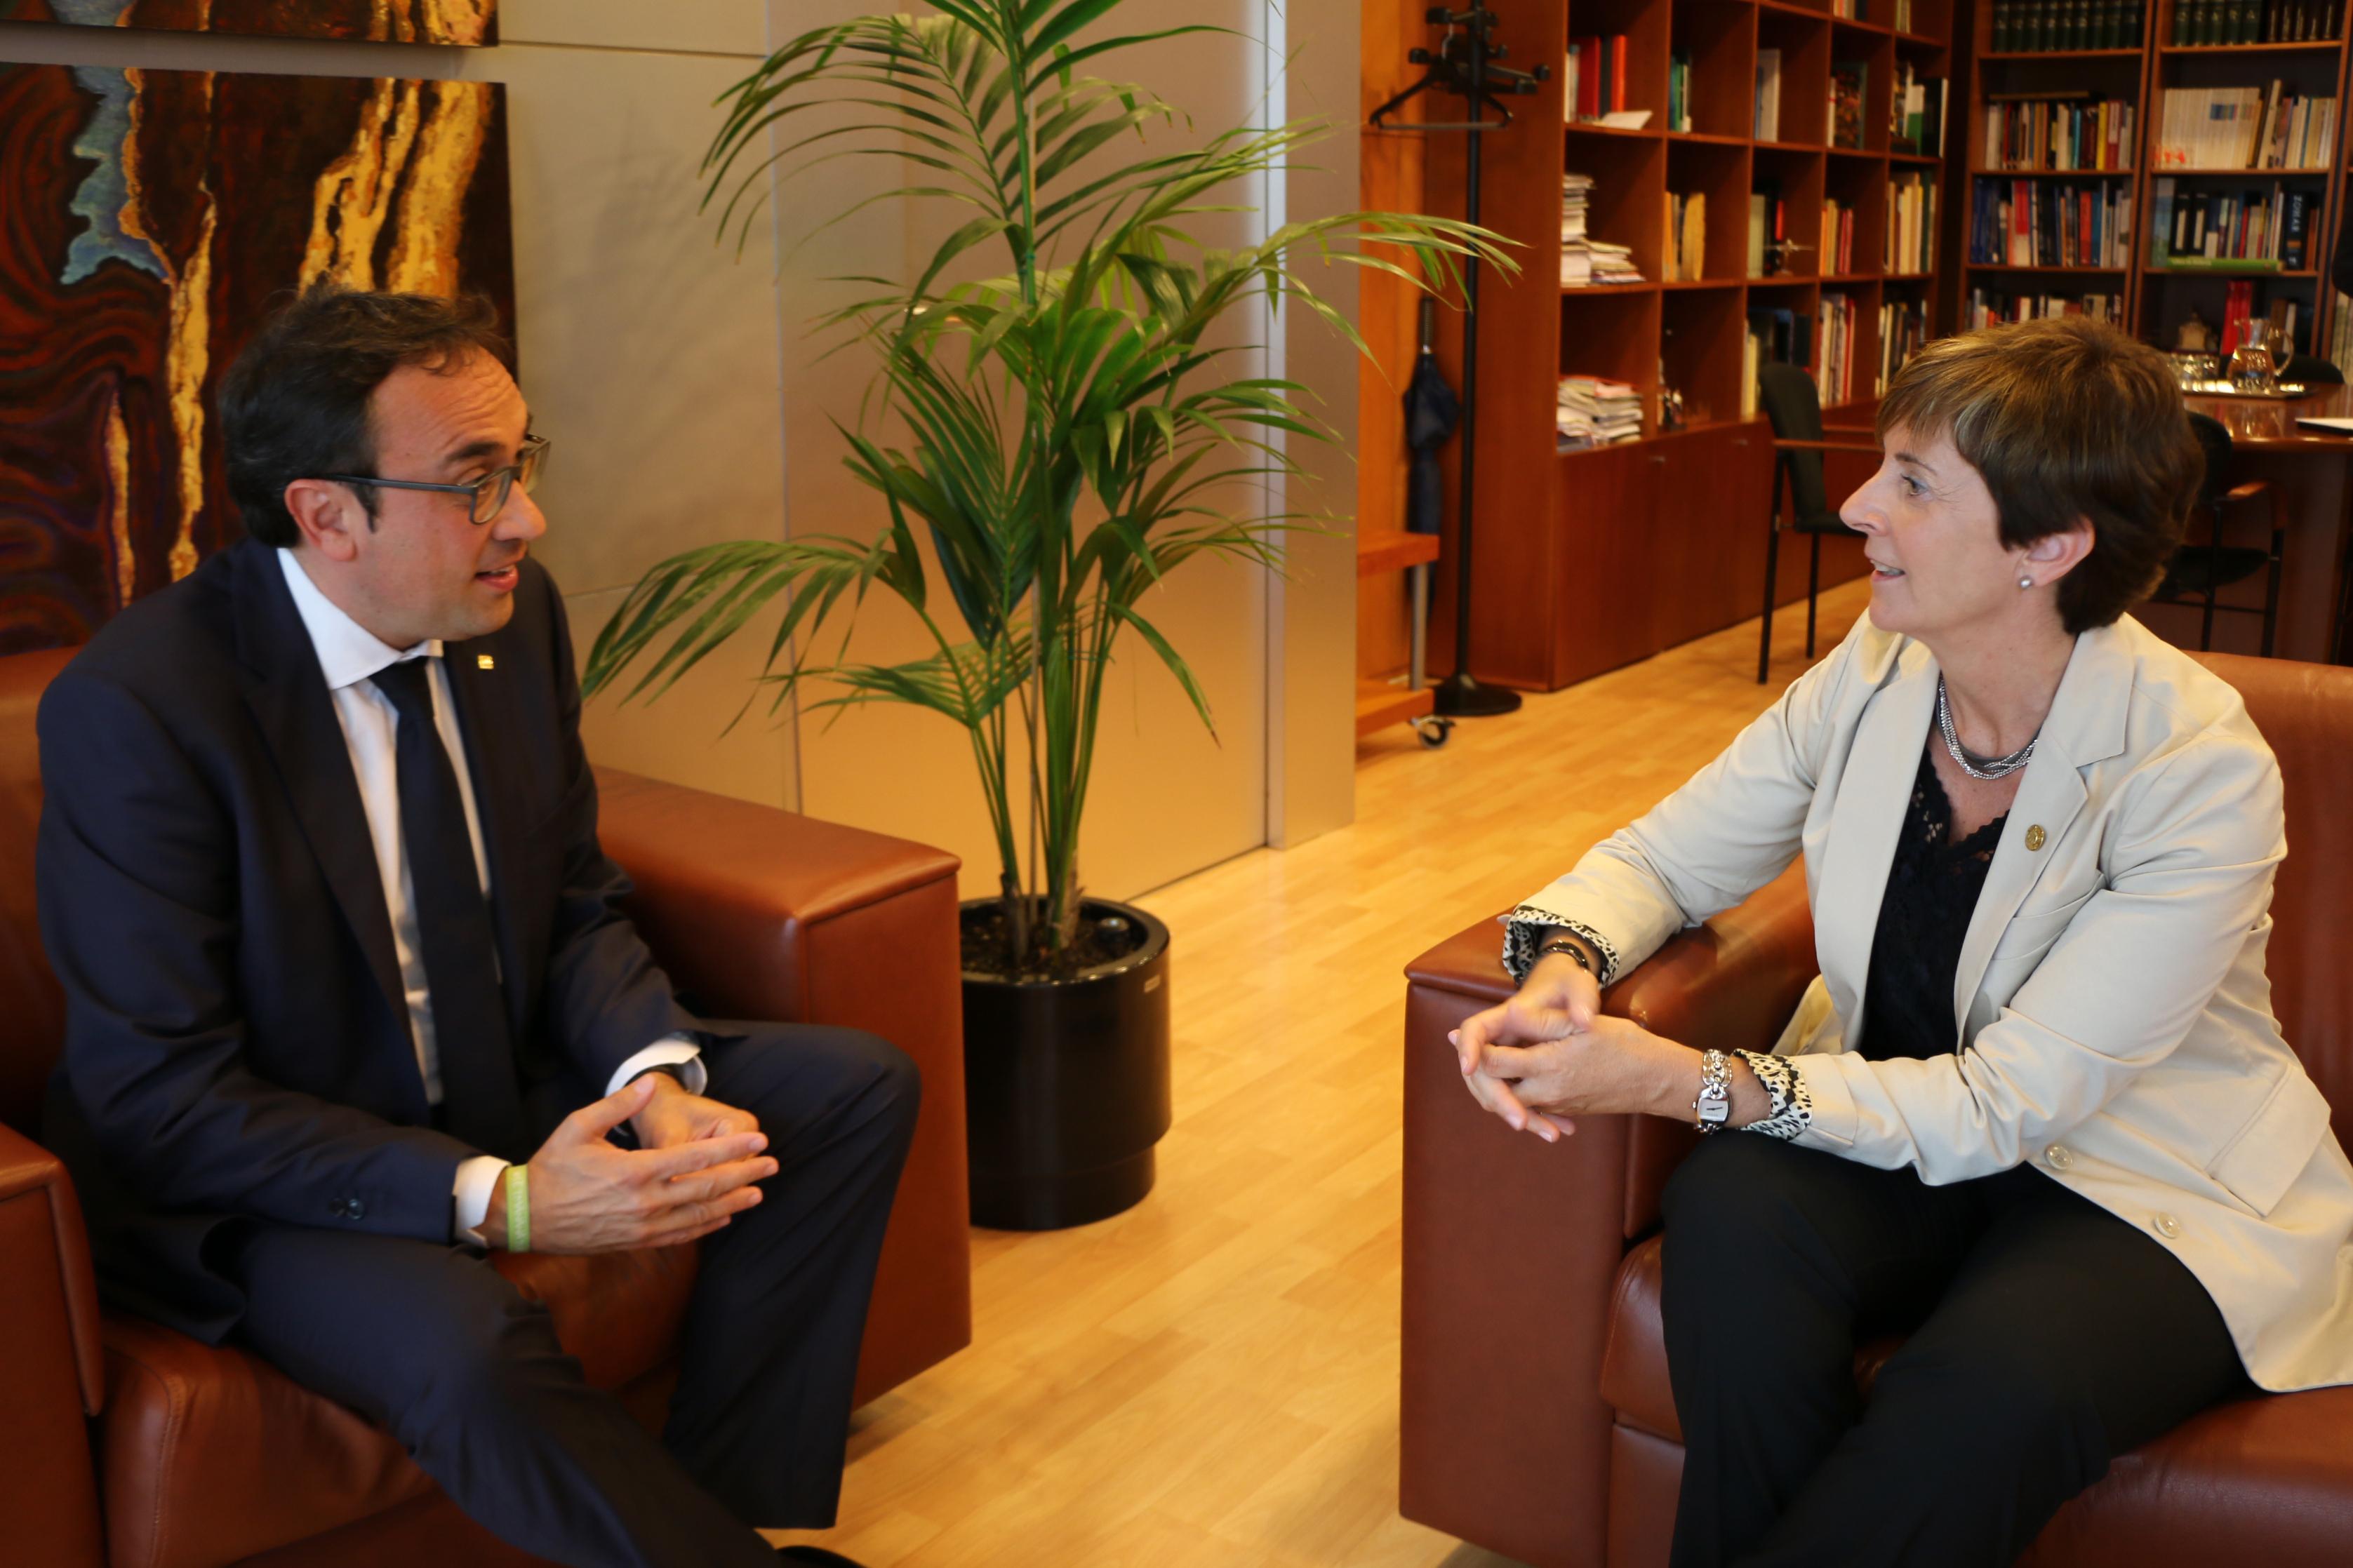 Euskadi y Cataluña reivindican priorizar el desarrollo de los ejes Atlántico y Mediterráneo frente a otras opciones de diseño radial o circular en el Estado